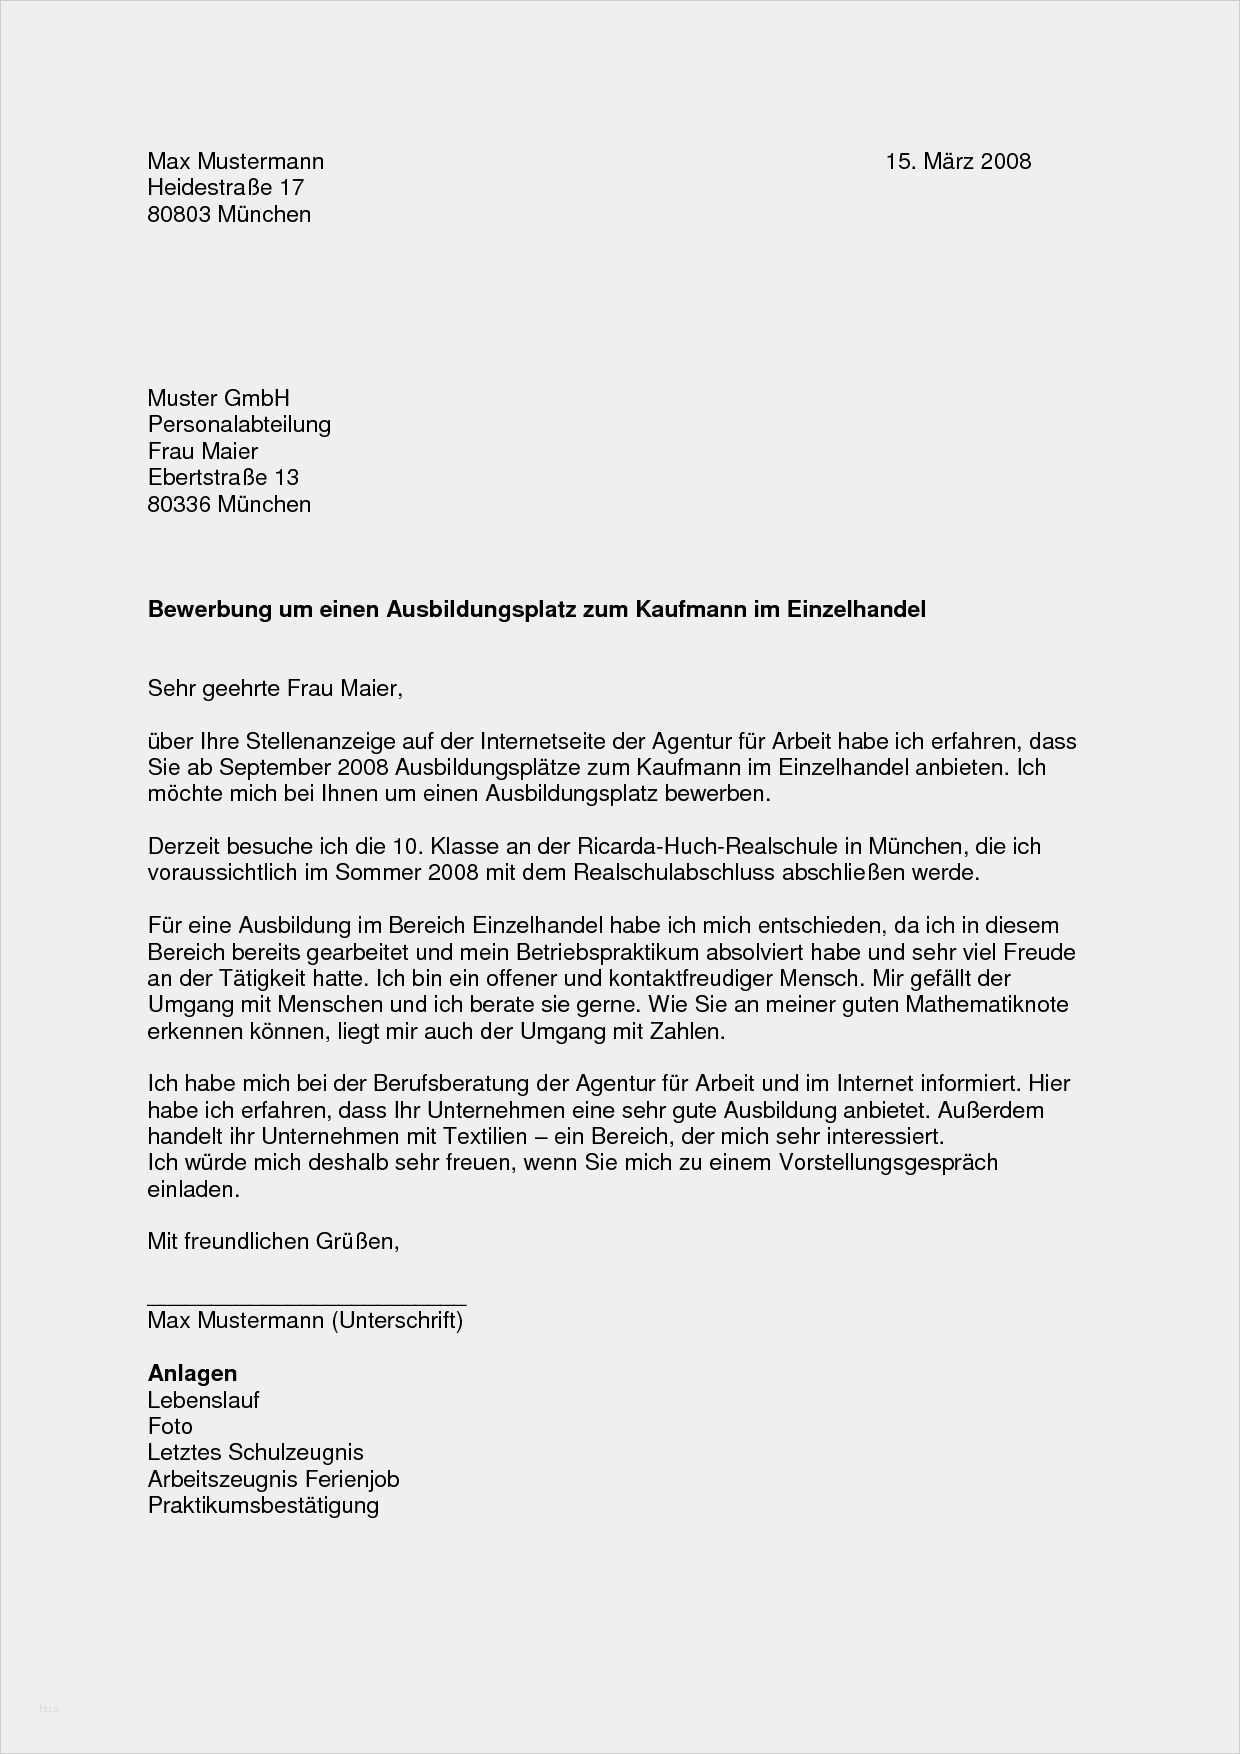 Elegant Arbeitszeugnis Vorlage Kfz Mechaniker Bilder Lebenslauf Lebenslauf Vorlagen Word Gute Bewerbung